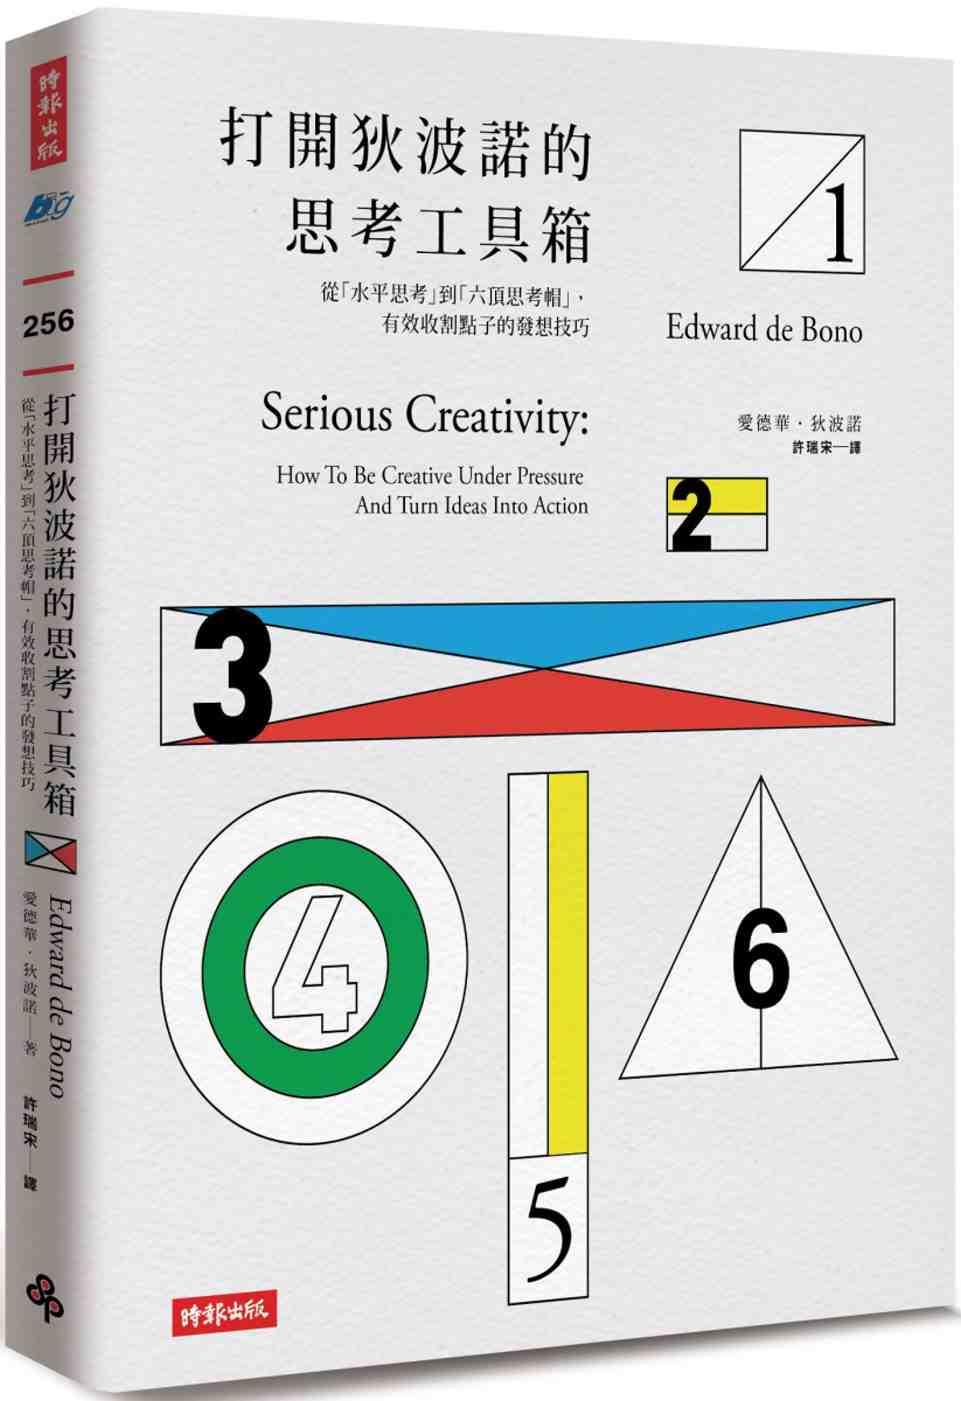 打開狄波諾的思考工具箱:從「水平思考」到「六頂思考帽」,有效收割點子的發想技巧(附水平思考技巧整理、水平思考運用筆記、收割檢查表、構想處理檢查表)